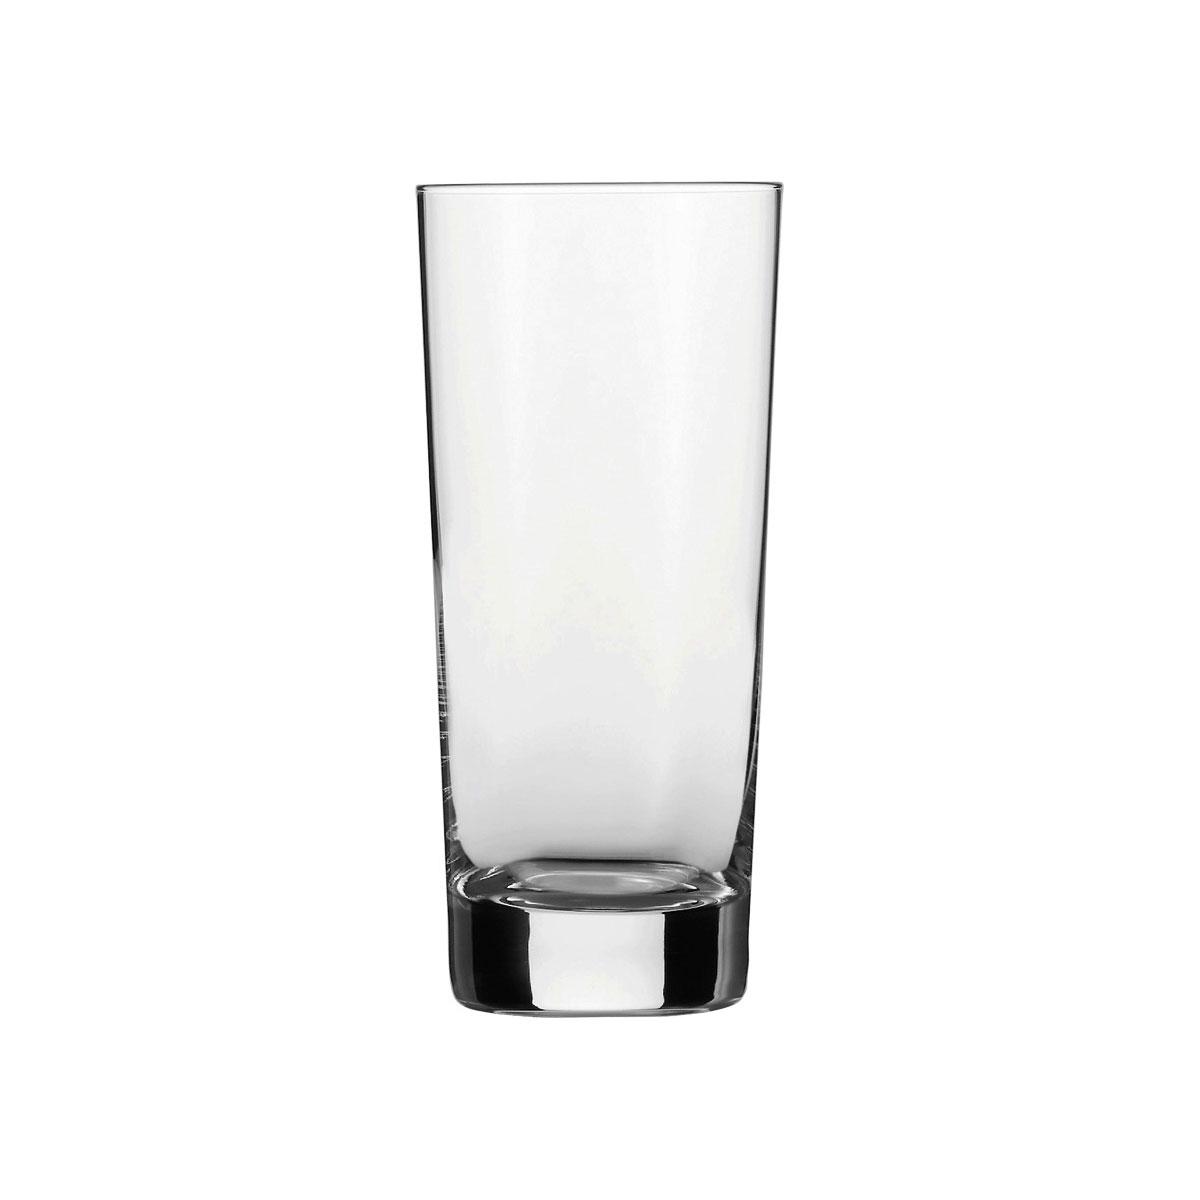 Schott Zwiesel Tritan Crystal, Charles Schumann Longdrink, Single